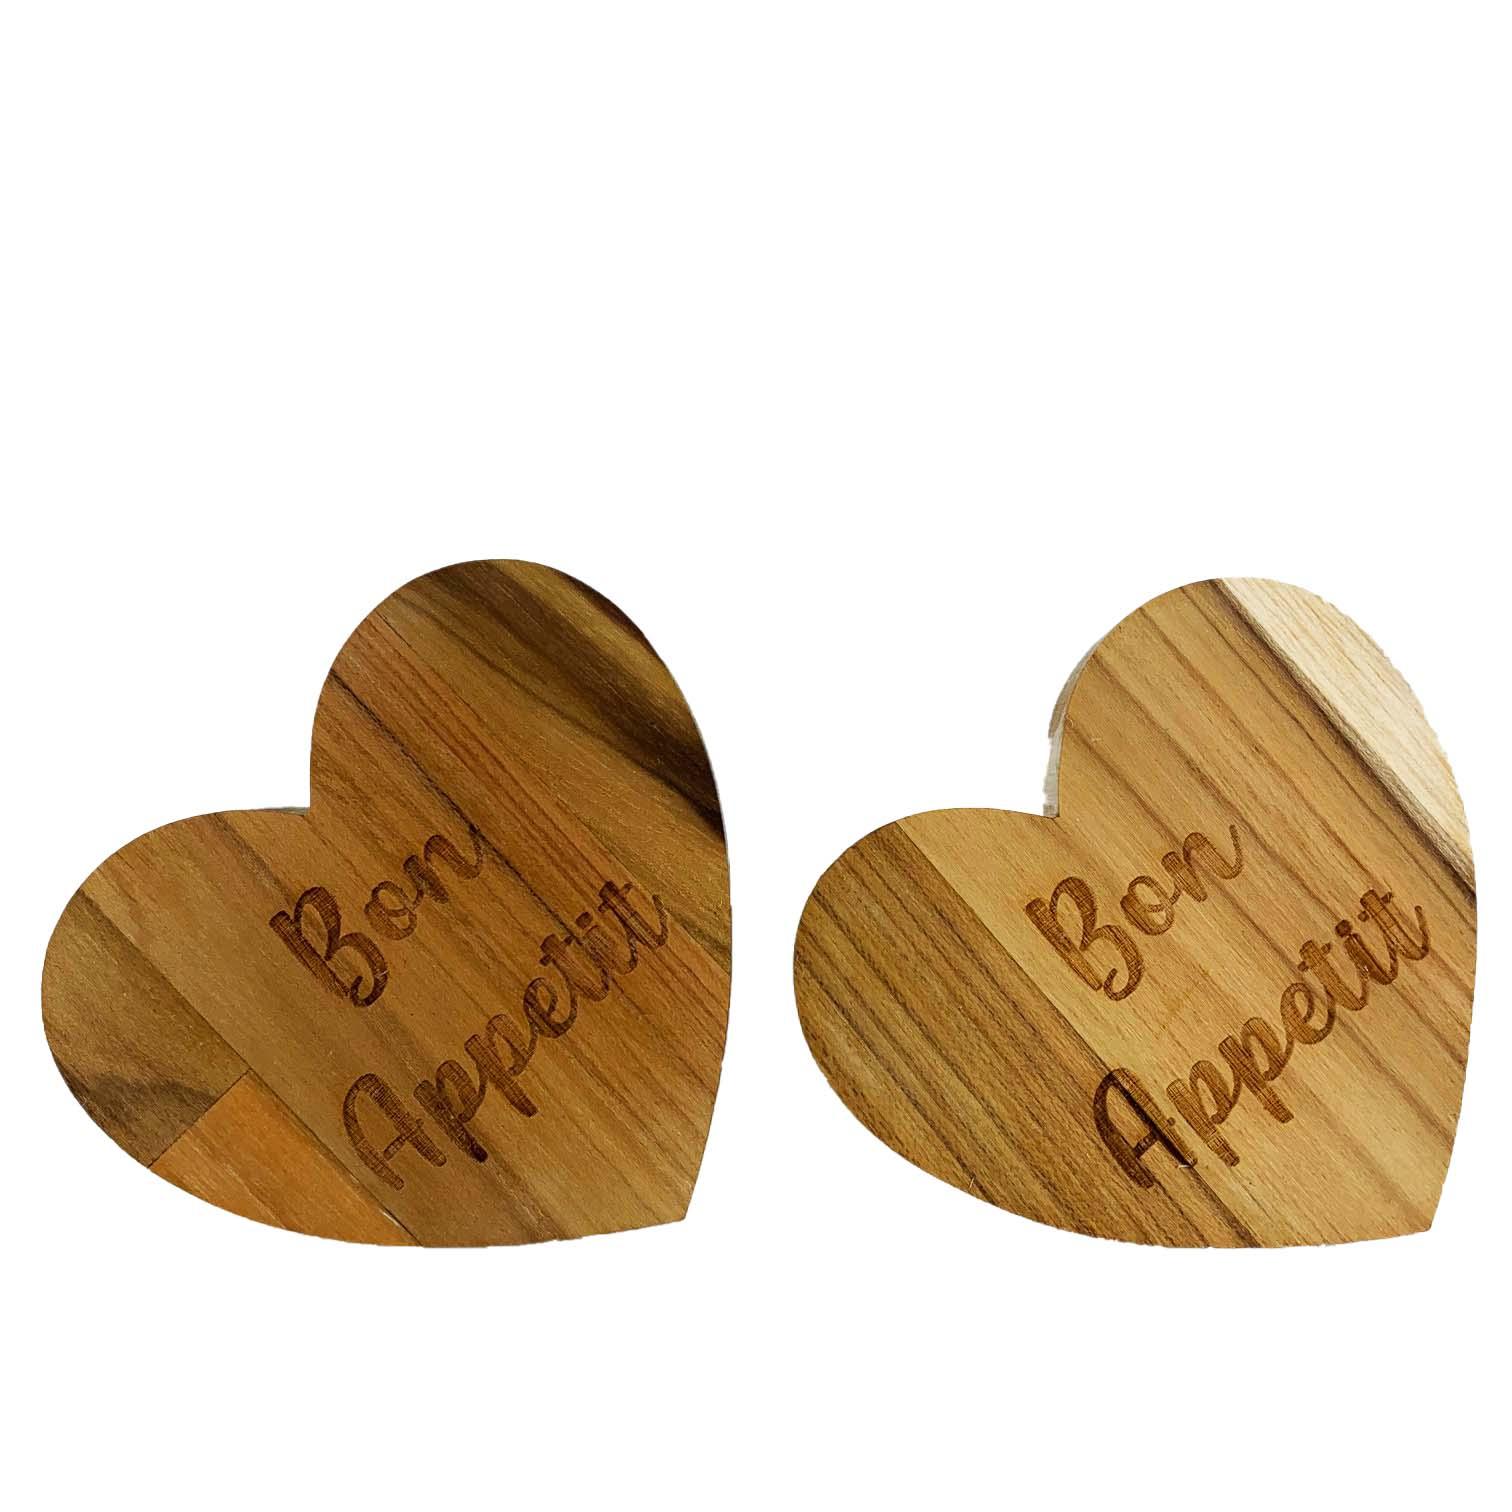 Jogo com 2 Argolas em madeira escrita Bon Appetit